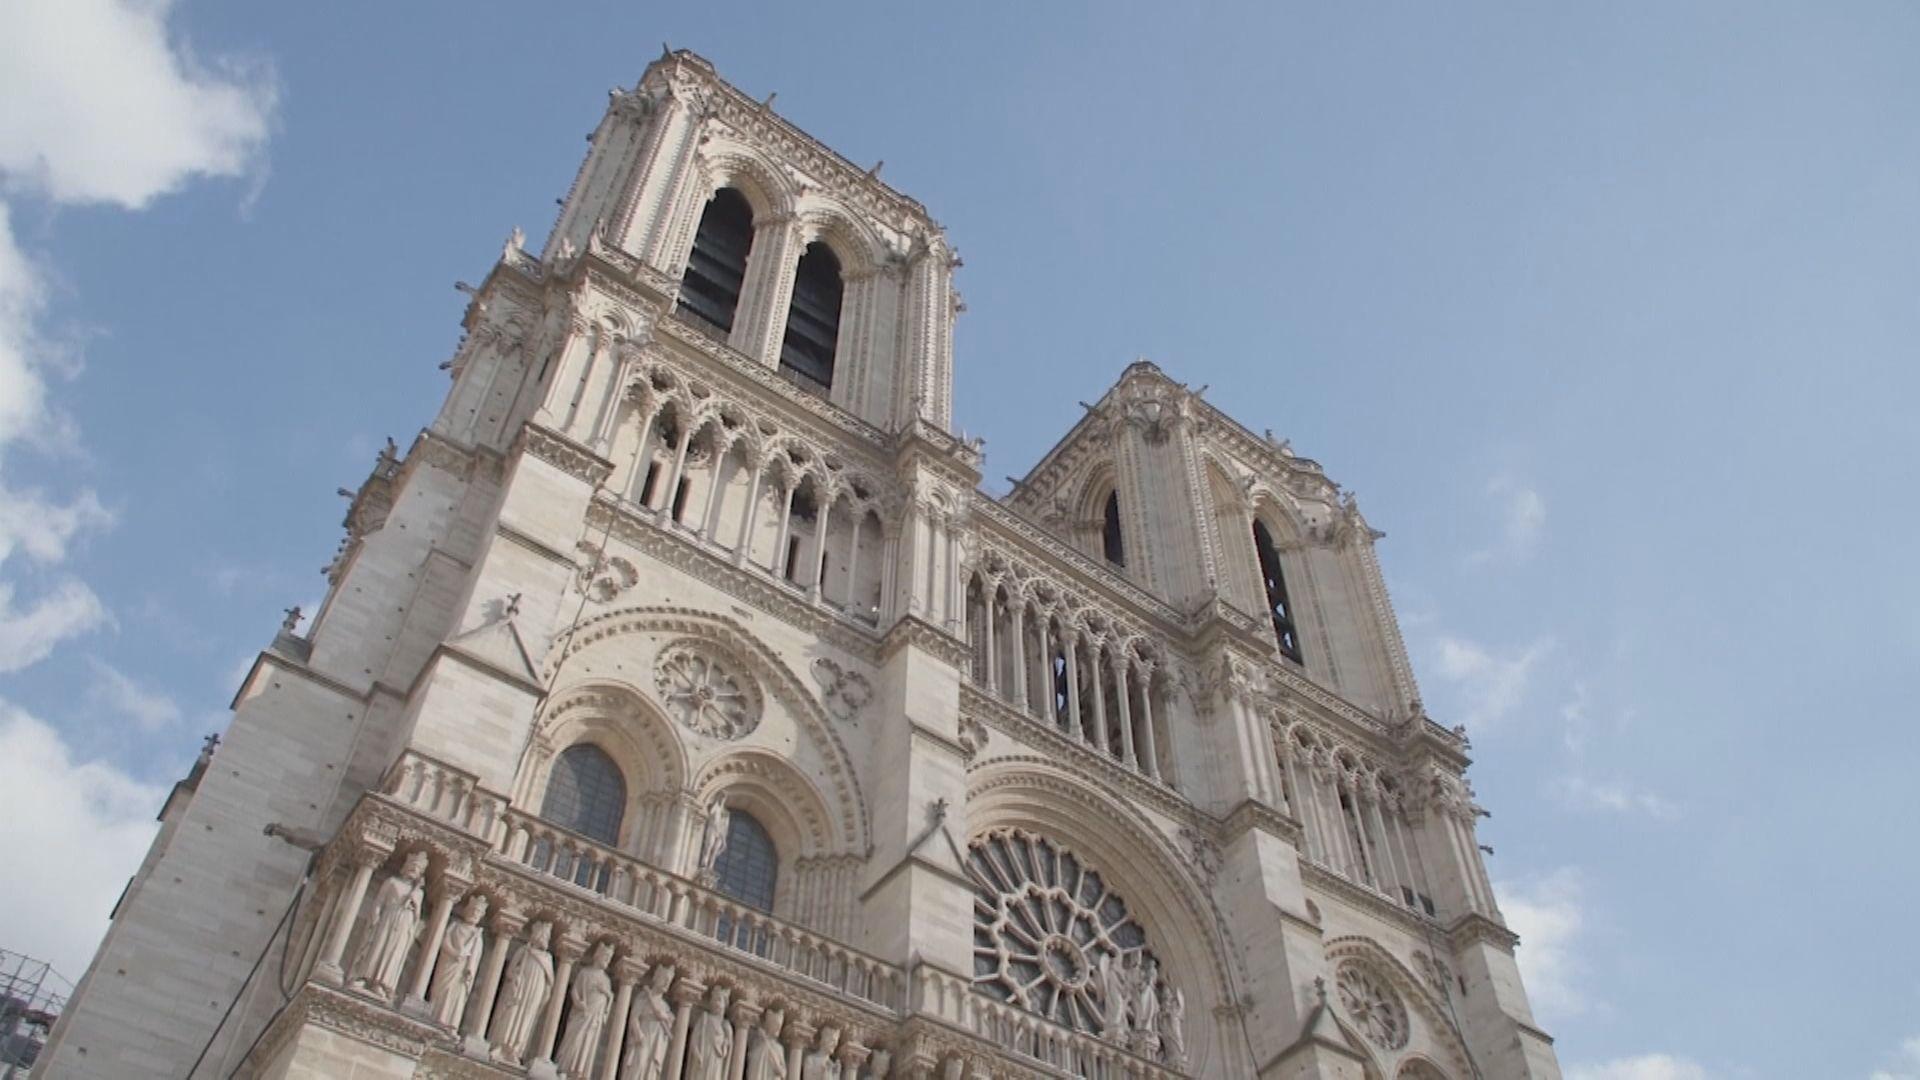 巴黎聖母院鞏固工作完成 將展開重建